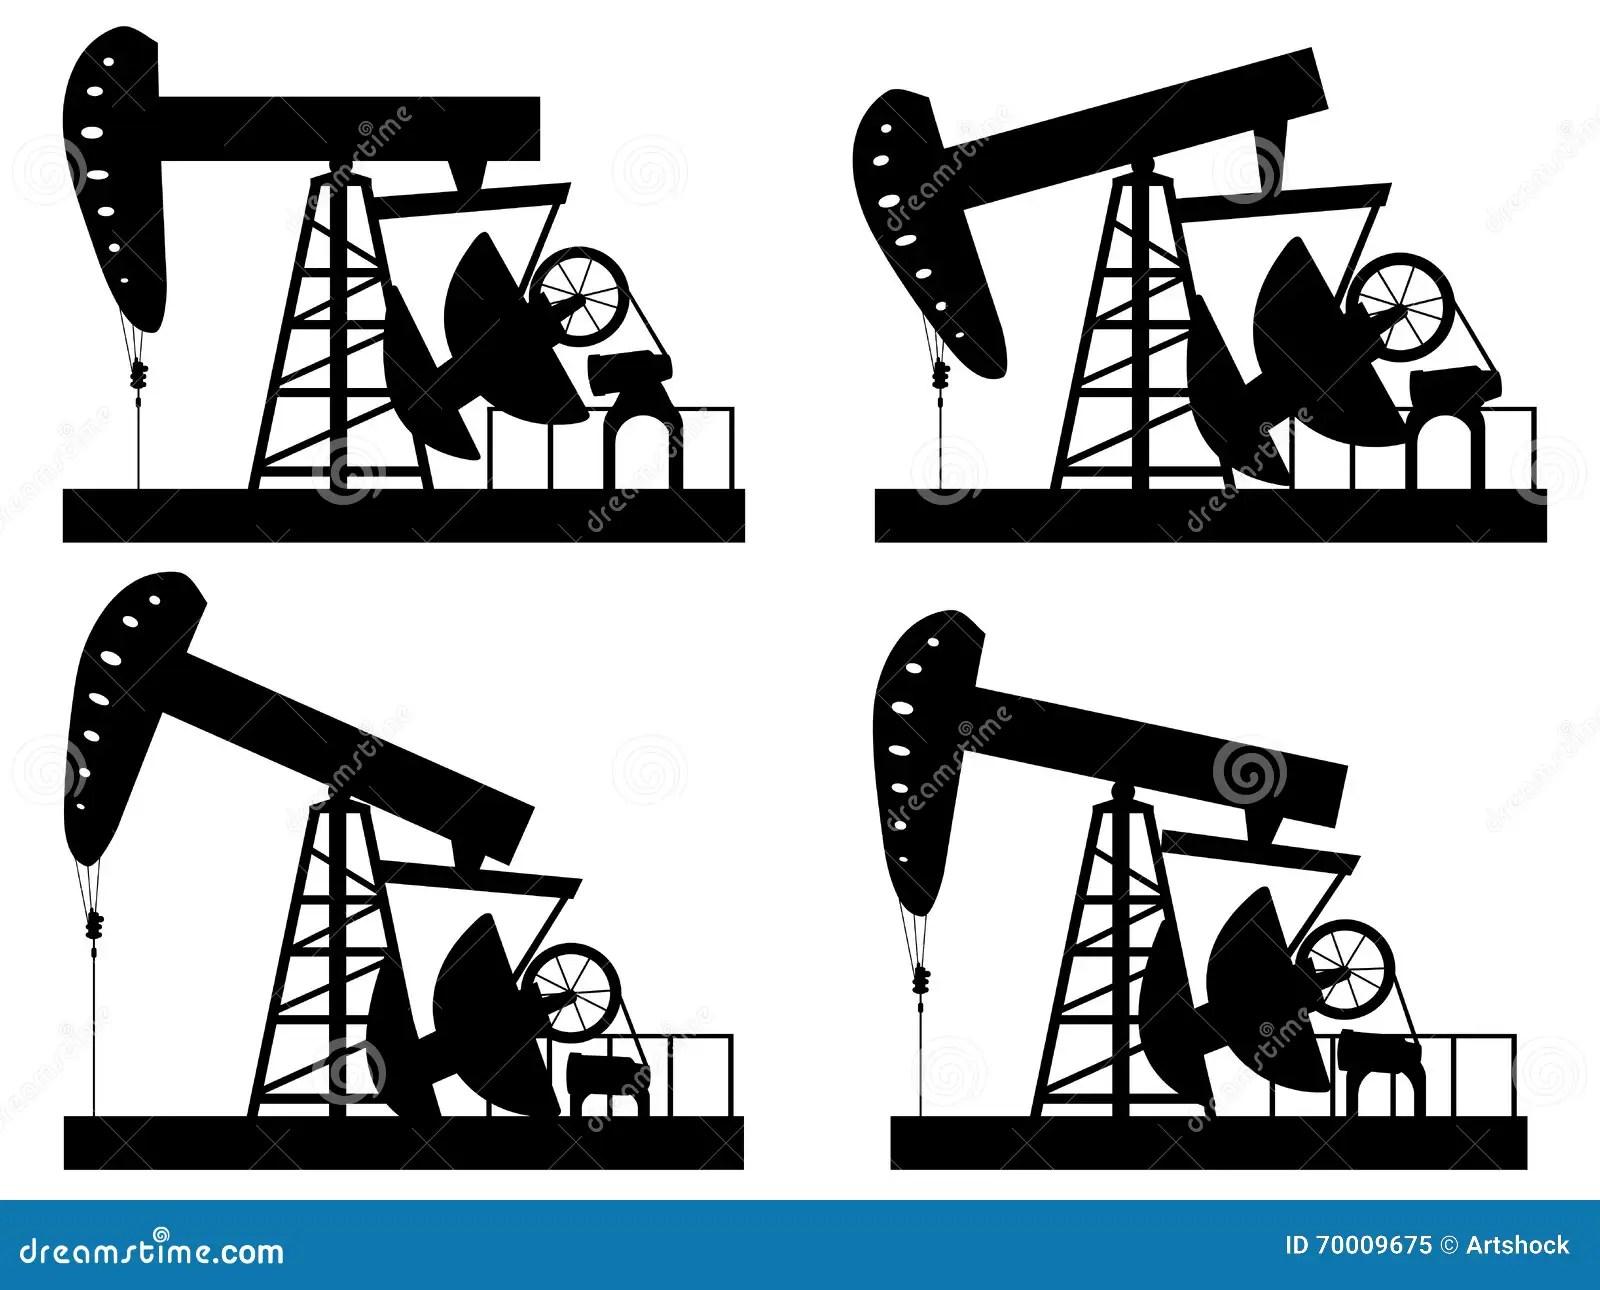 Oil Derrick Silhouette Stock Vector Illustration Of